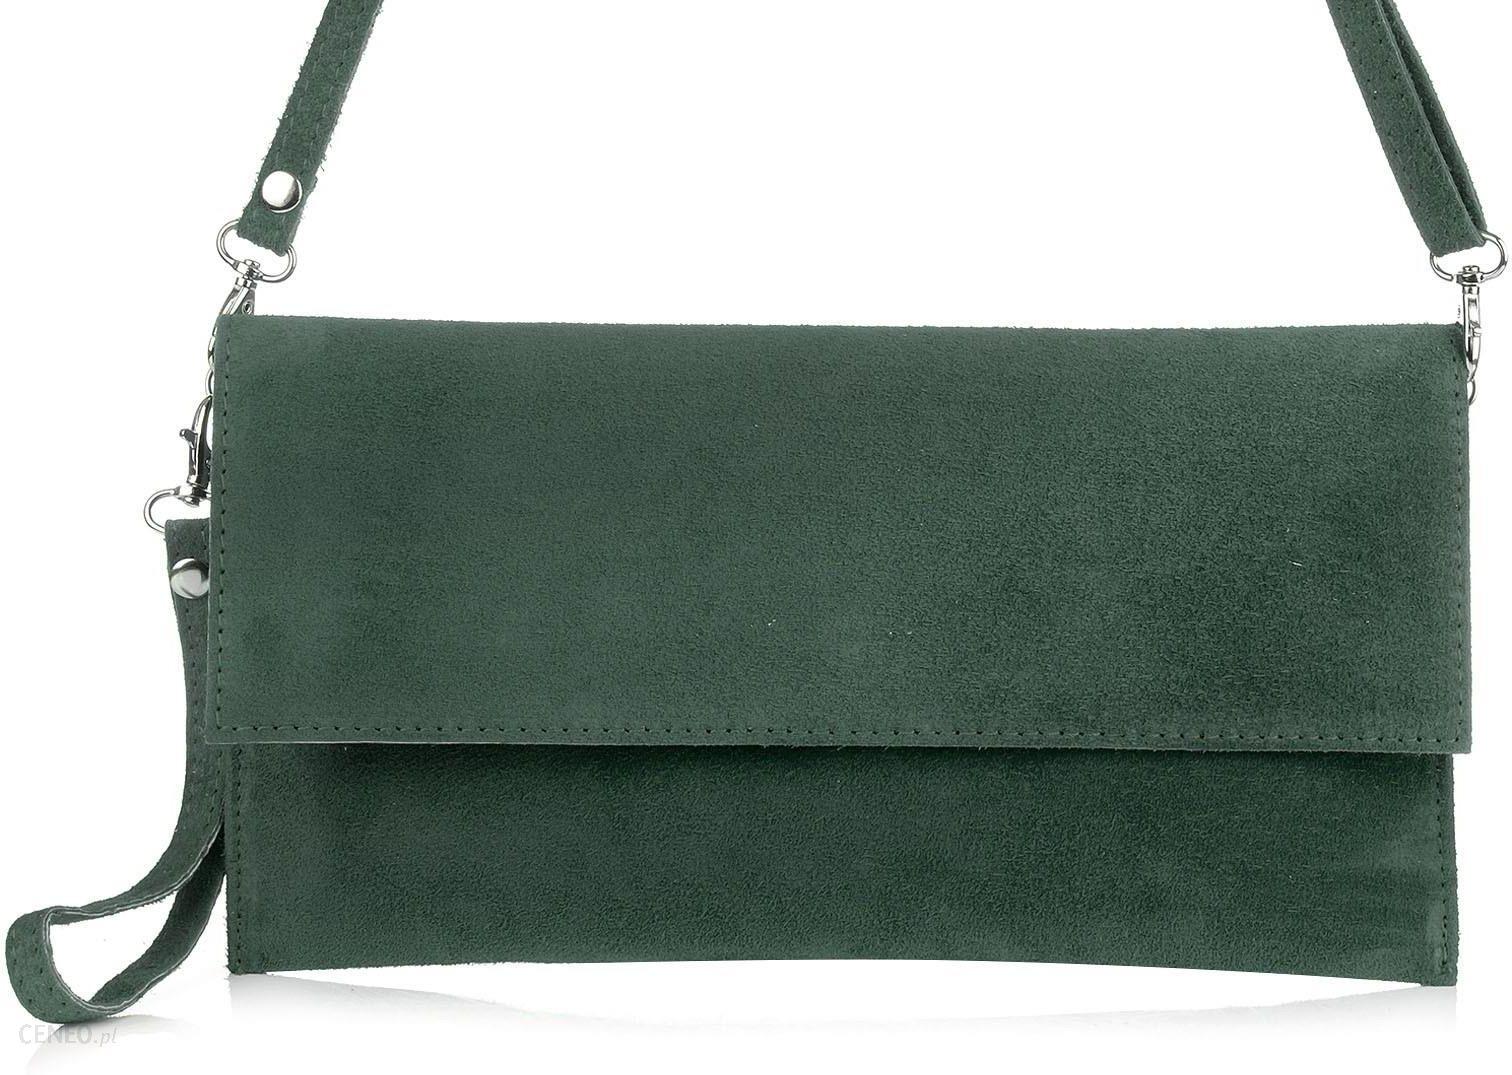 Zamszowa Włoska Skórzana torebka kopertówka klapa N09